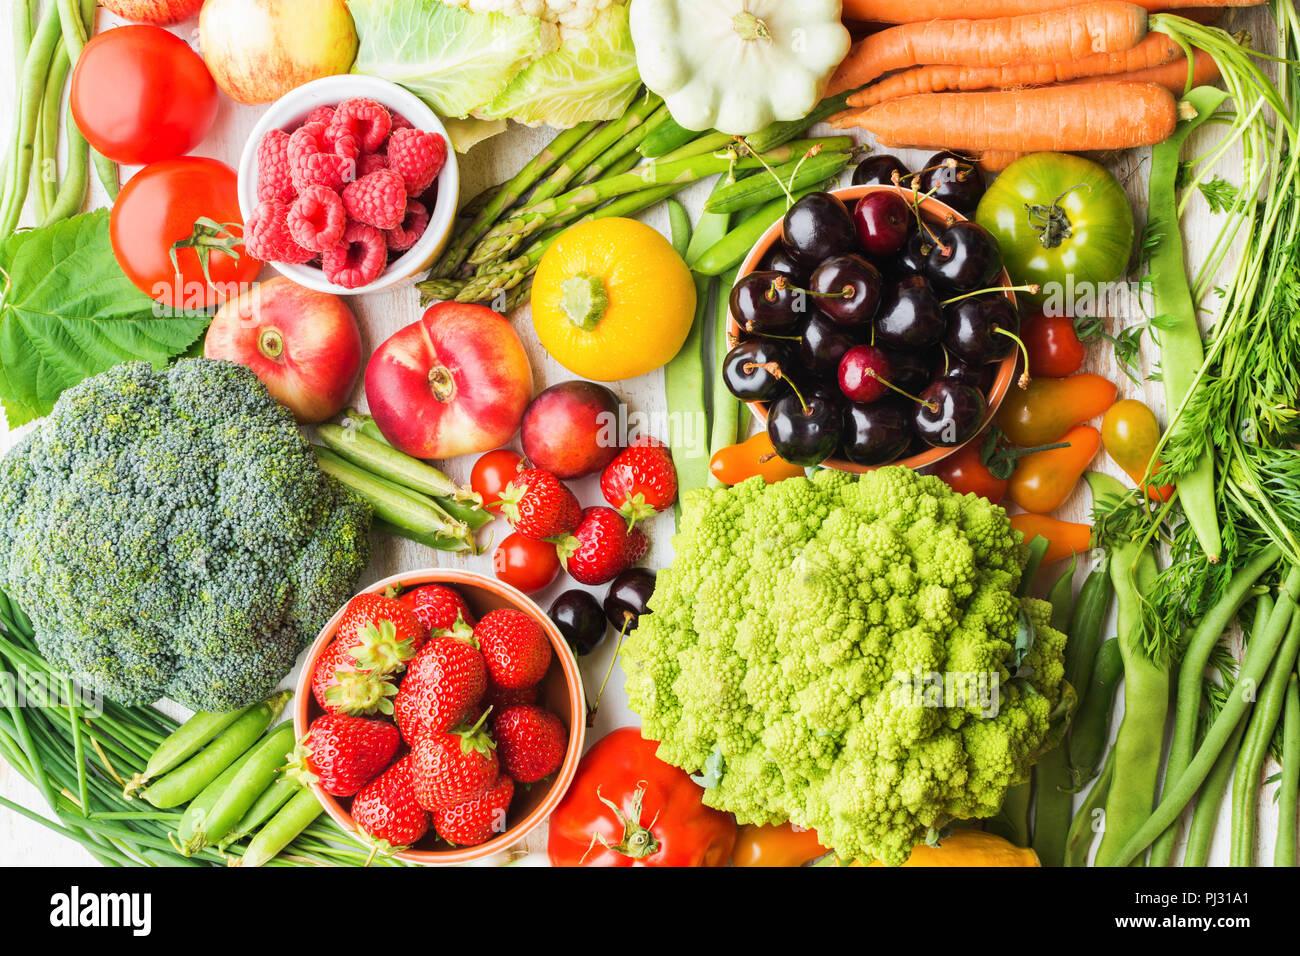 Les fruits d'été légumes baies, cerises fond Pommes Pêches Fraises chou-fleur Brocoli Chou Carottes Tomates courge betterave printemps, copy space, vue du dessus, selective focus Photo Stock